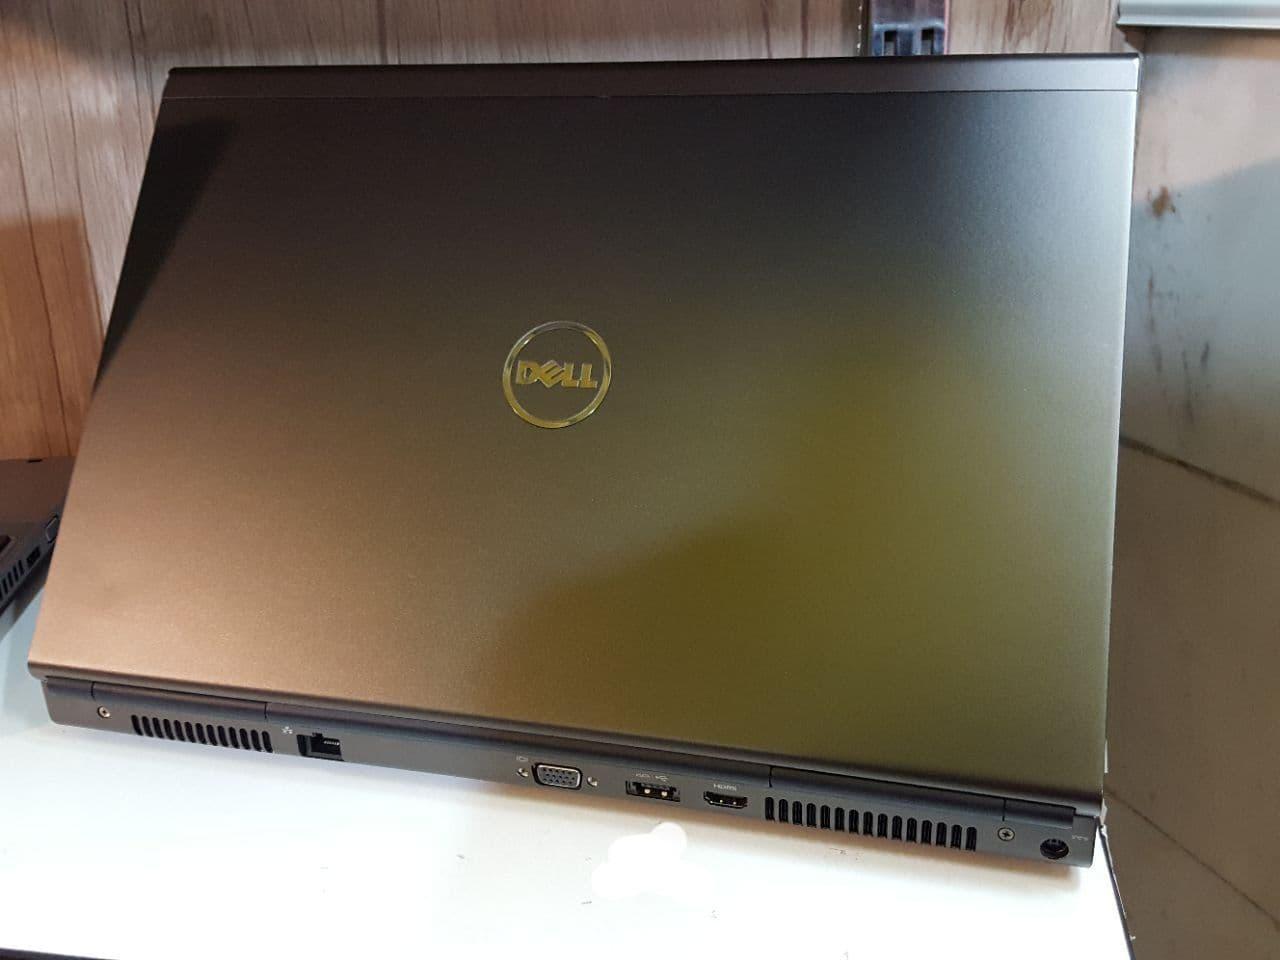 Dell Precision M4800 - i7/2G/15.6